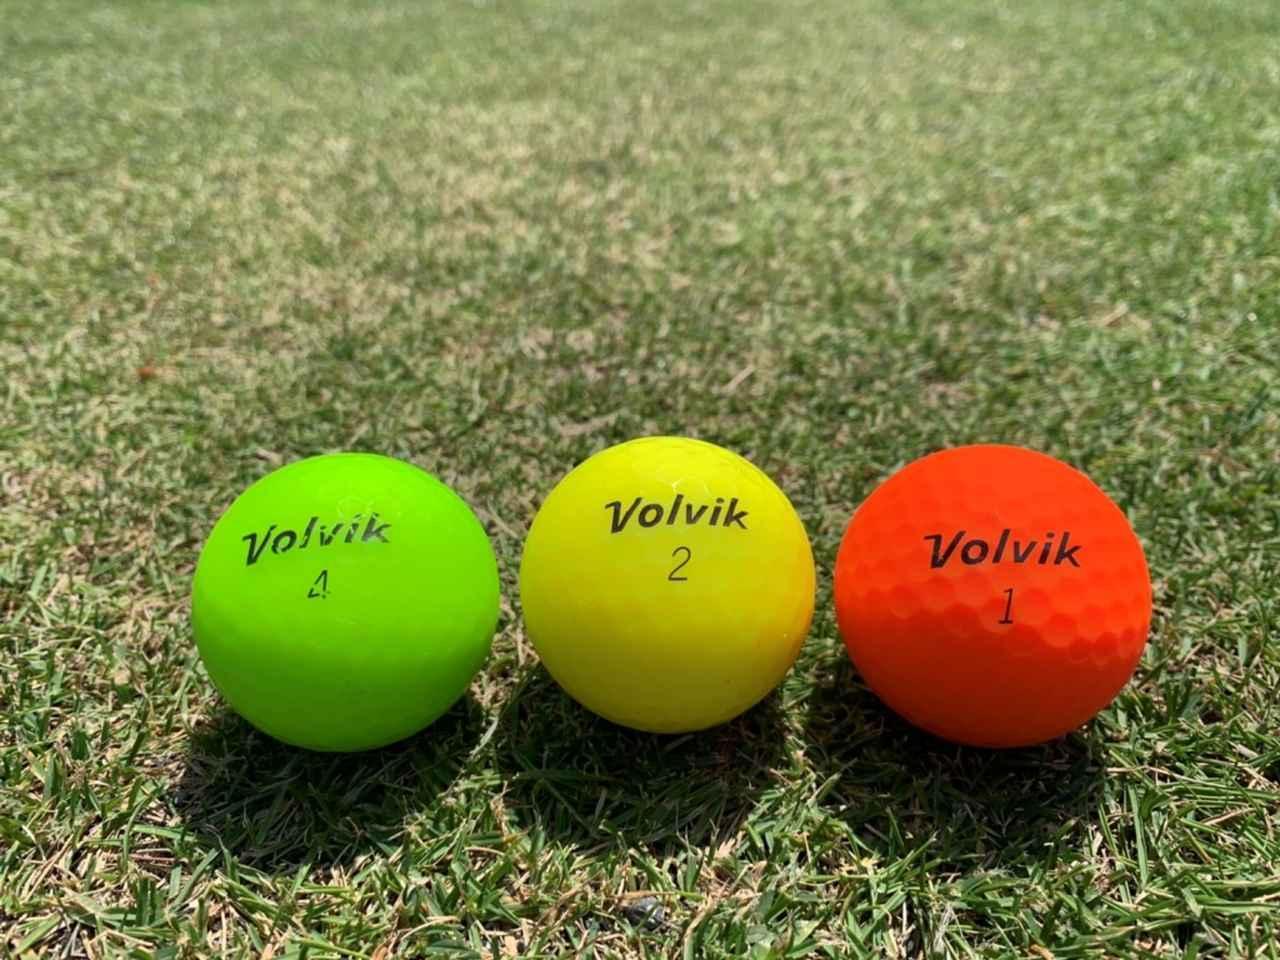 画像: ボルビックのVIVIDシリーズ マットカラーの緑、黄色、赤を3ホールづつ打ってみた